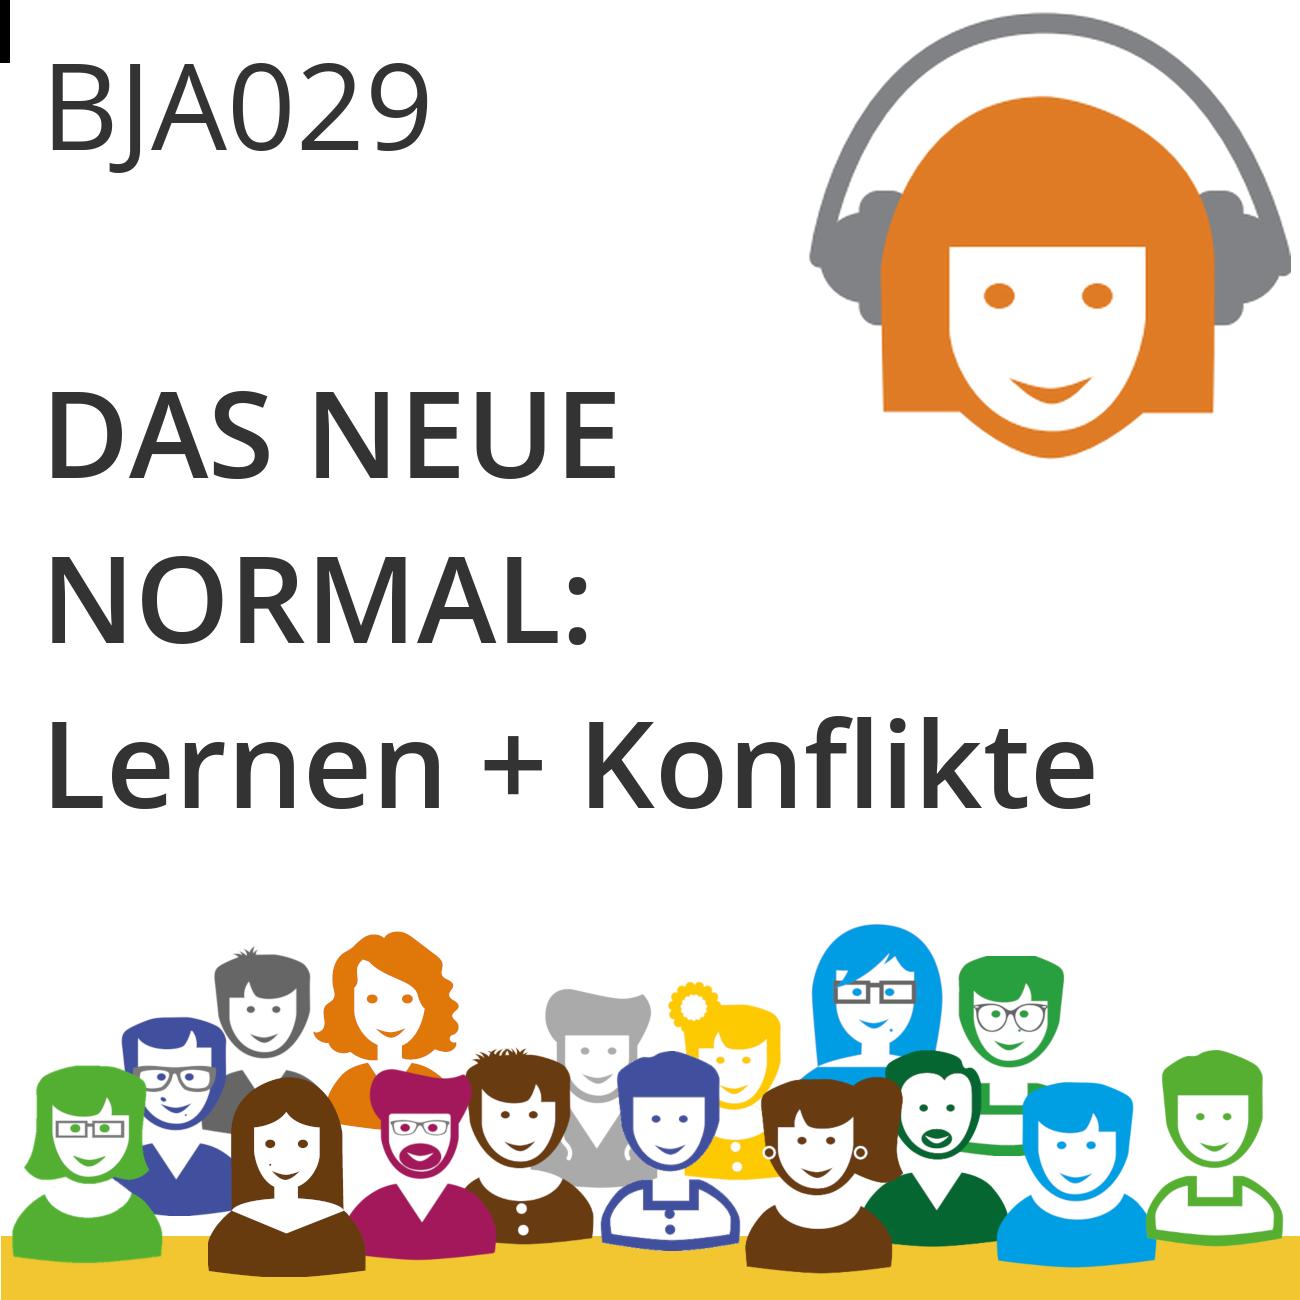 BJA029 | Das neue Normal: Lernen + Konflikte